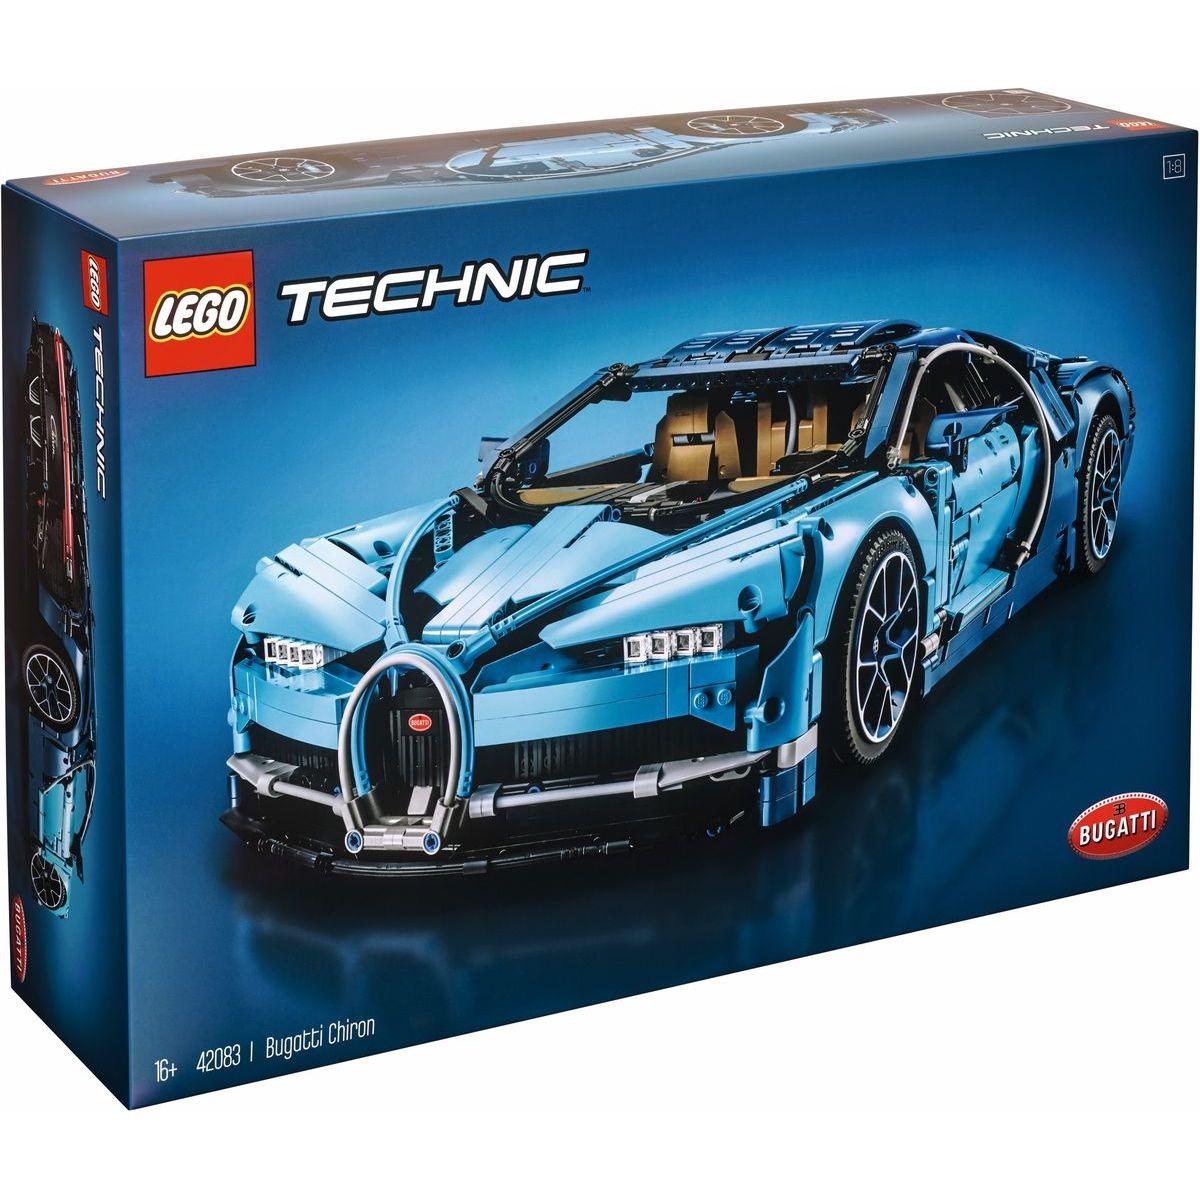 be2d95ae27f Lego Technic 42083 - Bugatti Chiron - Hračky Domino